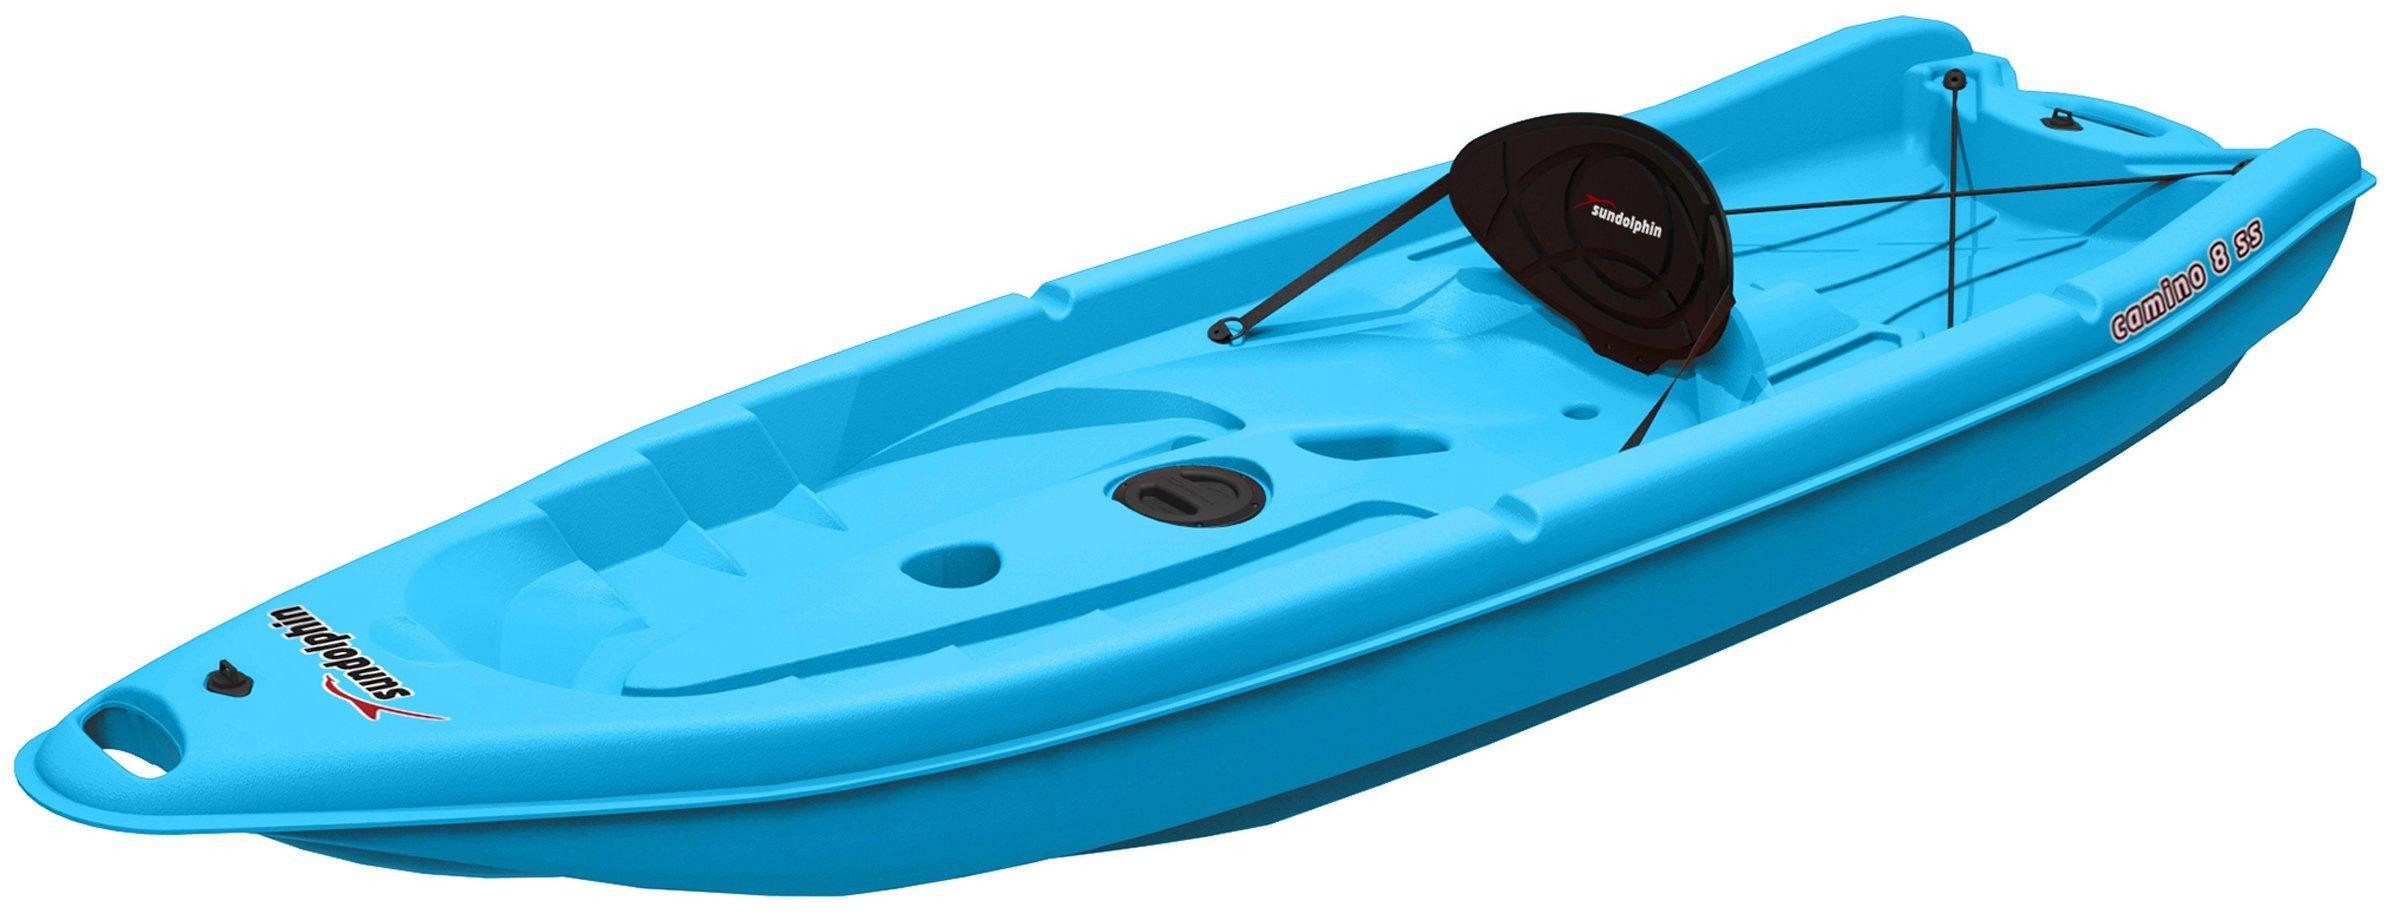 SUNDOLPHIN Sun Dolphin Camino SS Sit-on-top Kayak (Ocean, 8-Feet) by SUNDOLPHIN